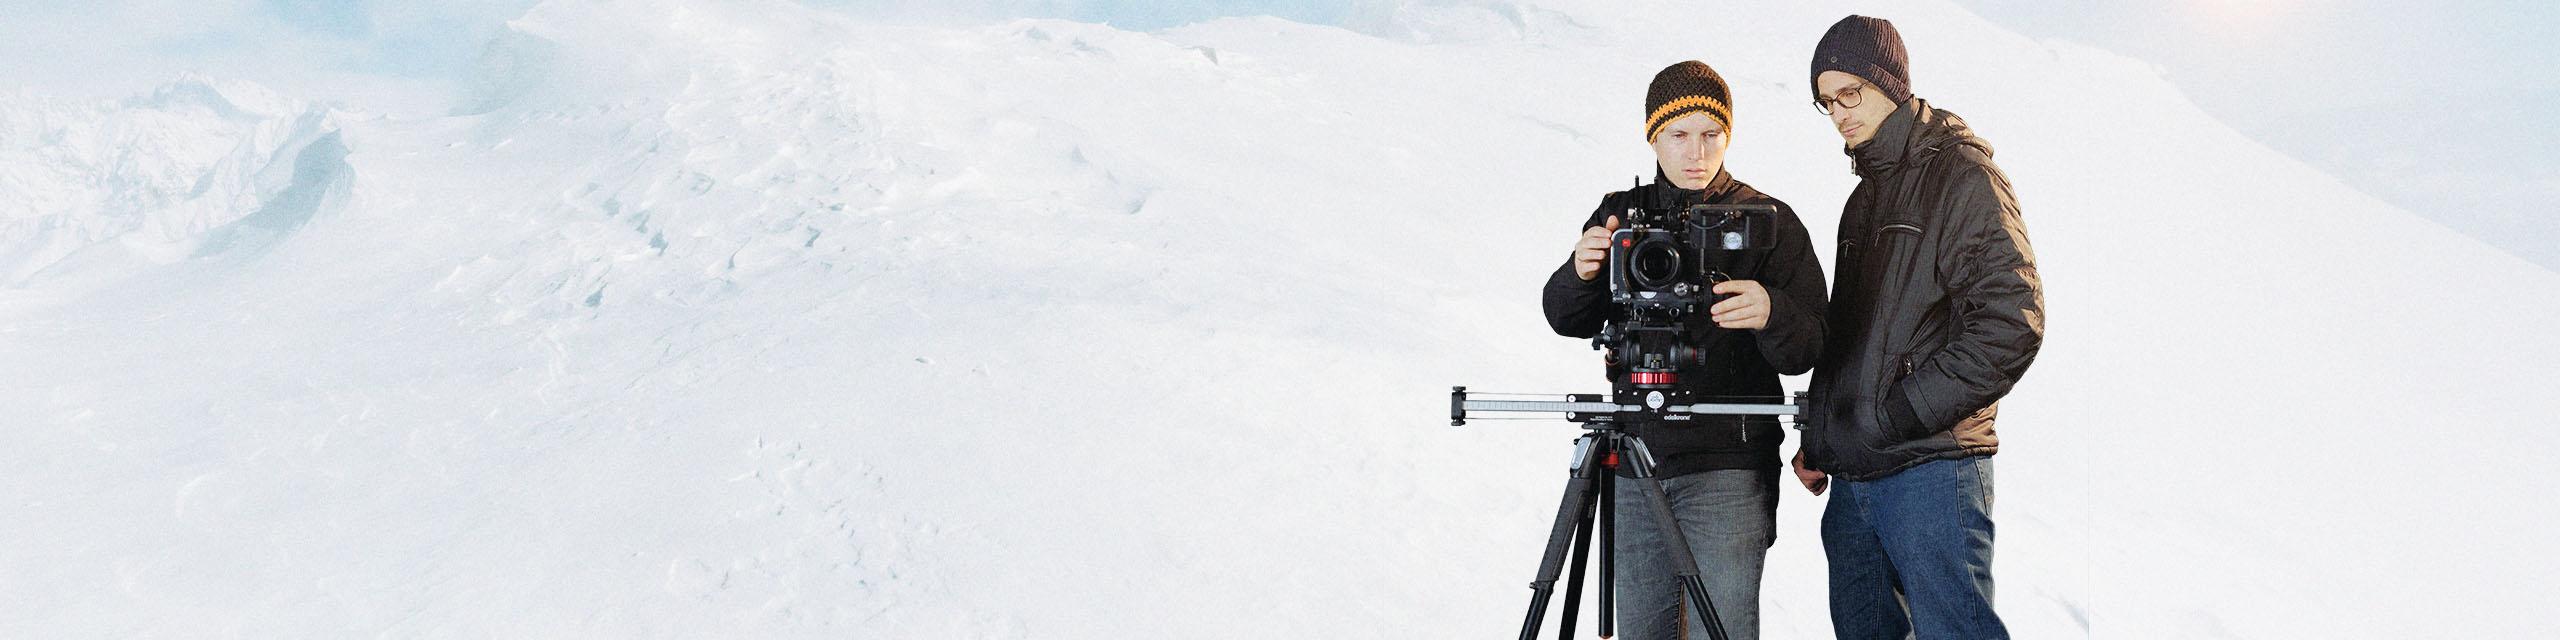 Filmproduktion mit Kamera auf Slider